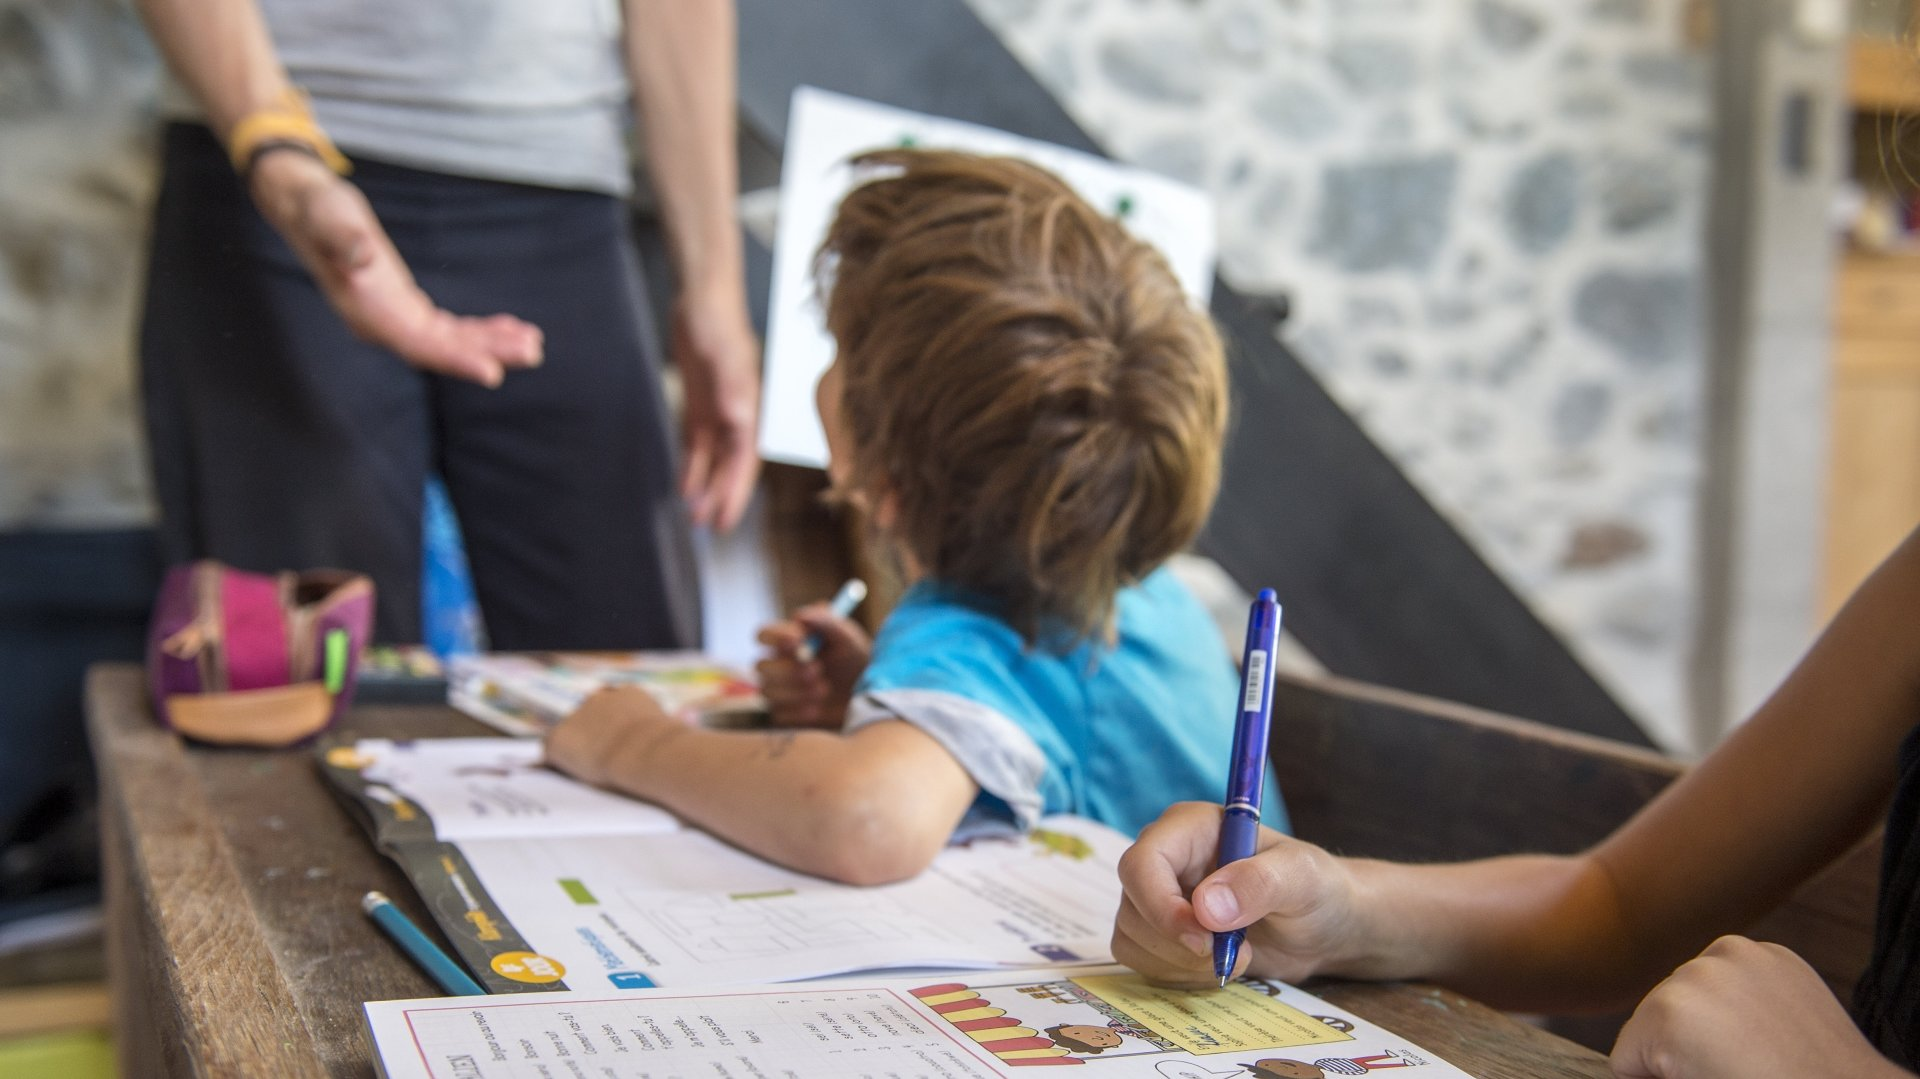 Alors qu'il suffisait jusqu'ici de s'annoncer pour déscolariser son enfant, la révision de la loi sur l'enseignement privé (LEPr), en consultation jusqu'au 5 septembre, prévoit désormais pour les familles l'obligation de formuler une demande.